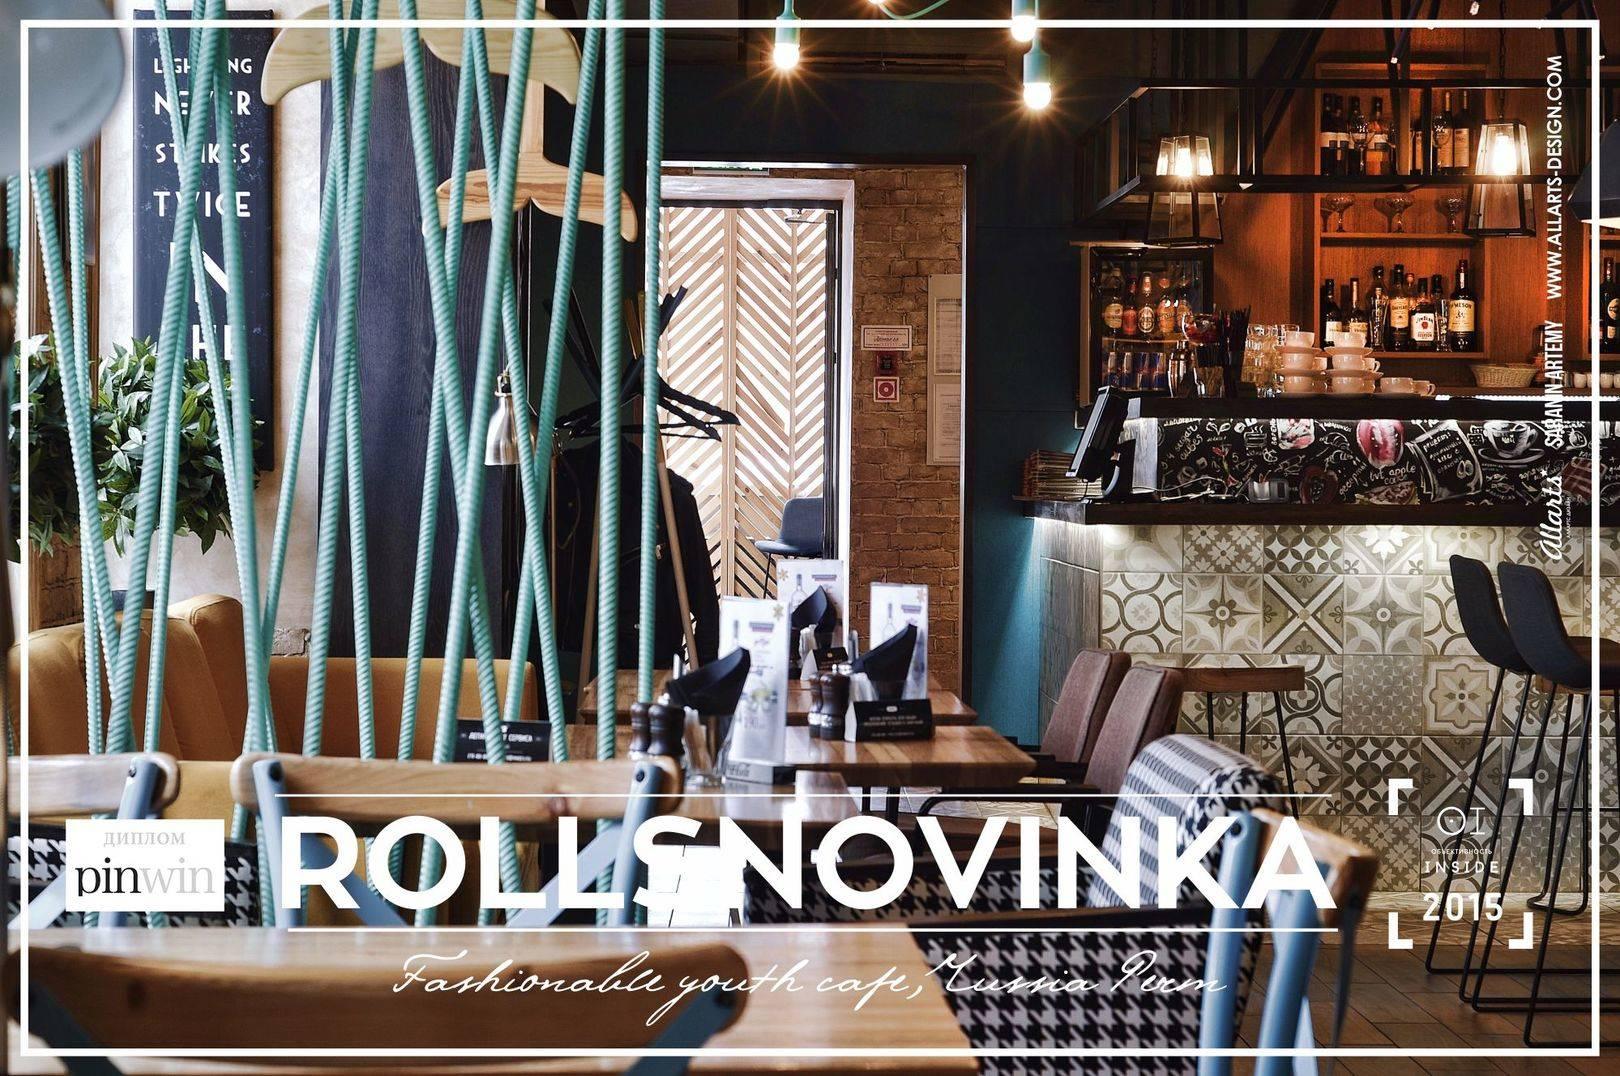 Дизайн интерьера кафе Rollsnovinka